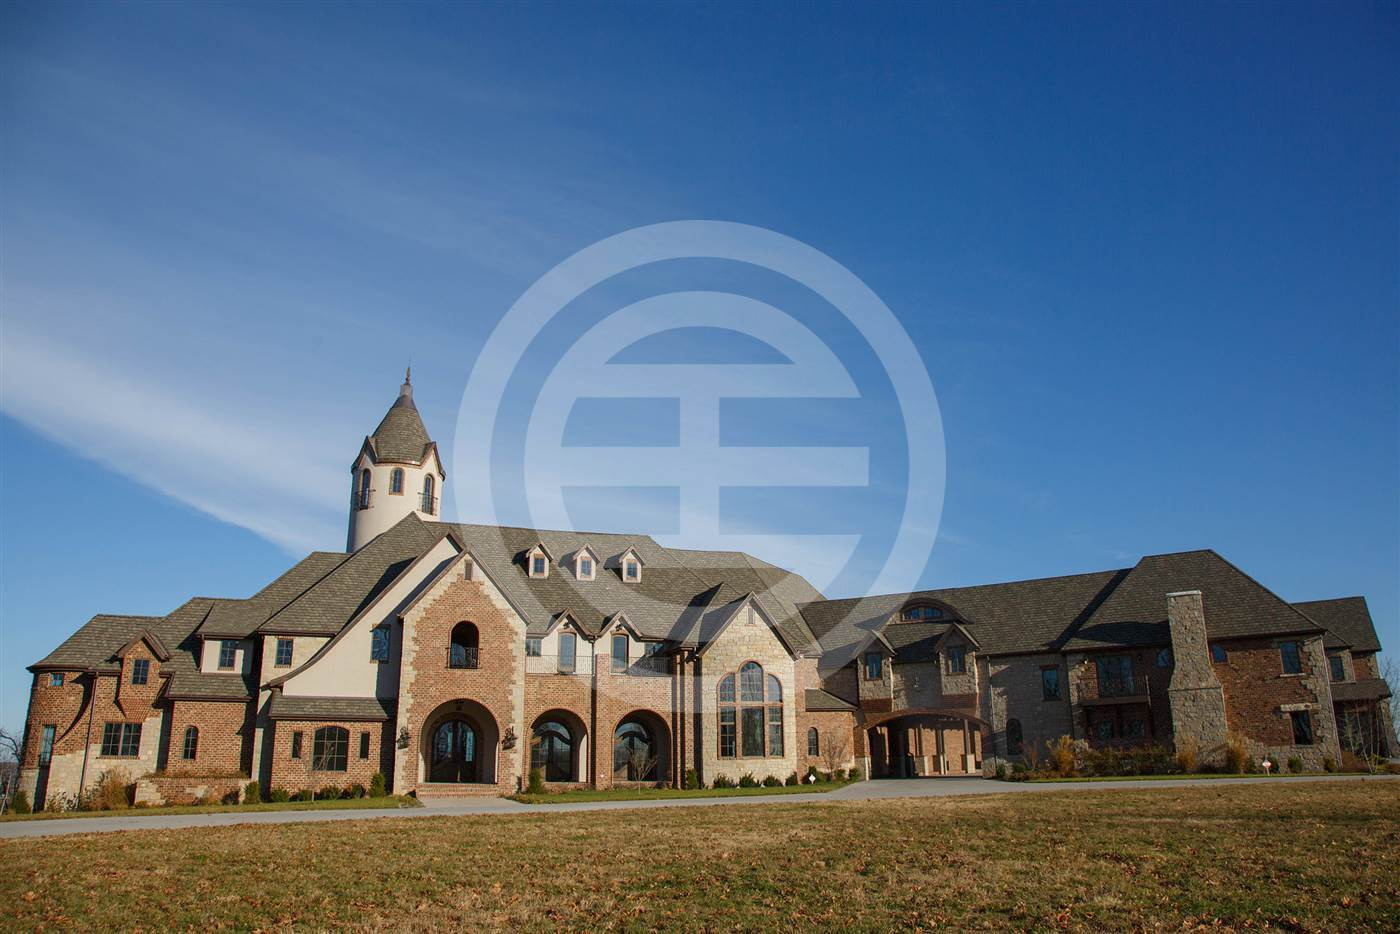 科尔·汉梅尔斯夫妇将他们在密苏里州的940万美元豪宅捐给一个慈善机构